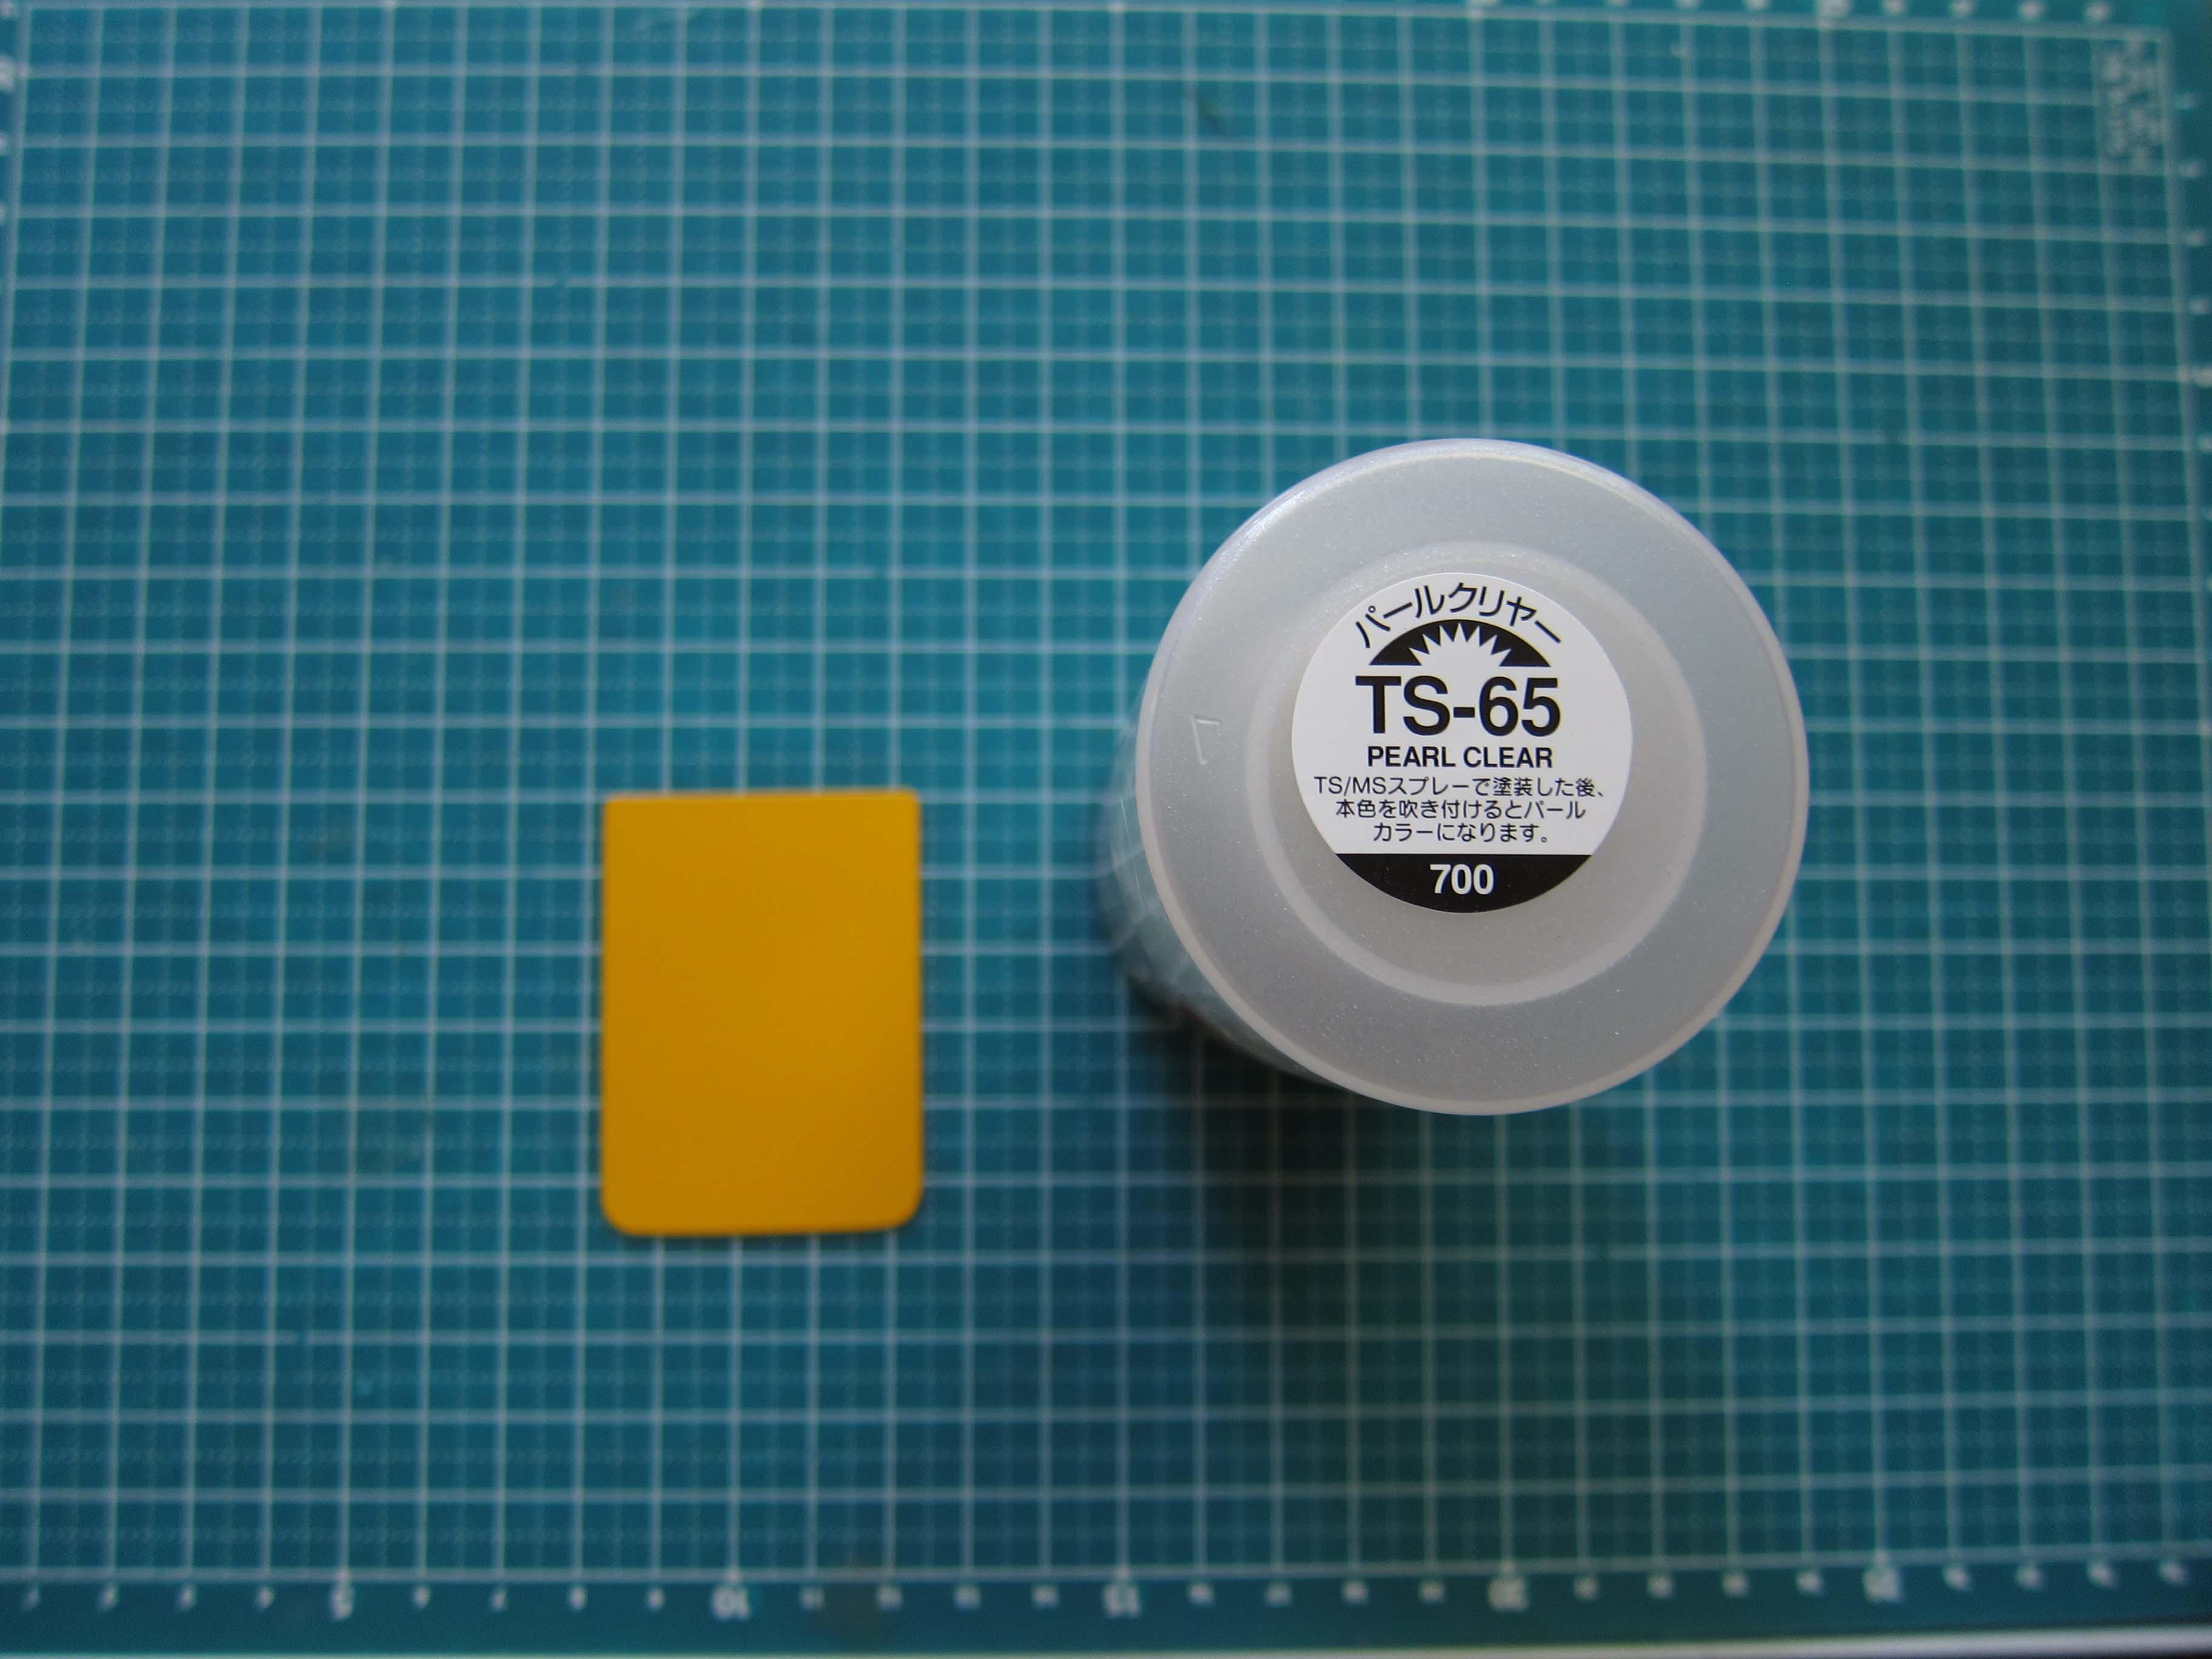 妹の携帯の電池フタ制作記 その2 塗装編_c0166765_1536192.jpg